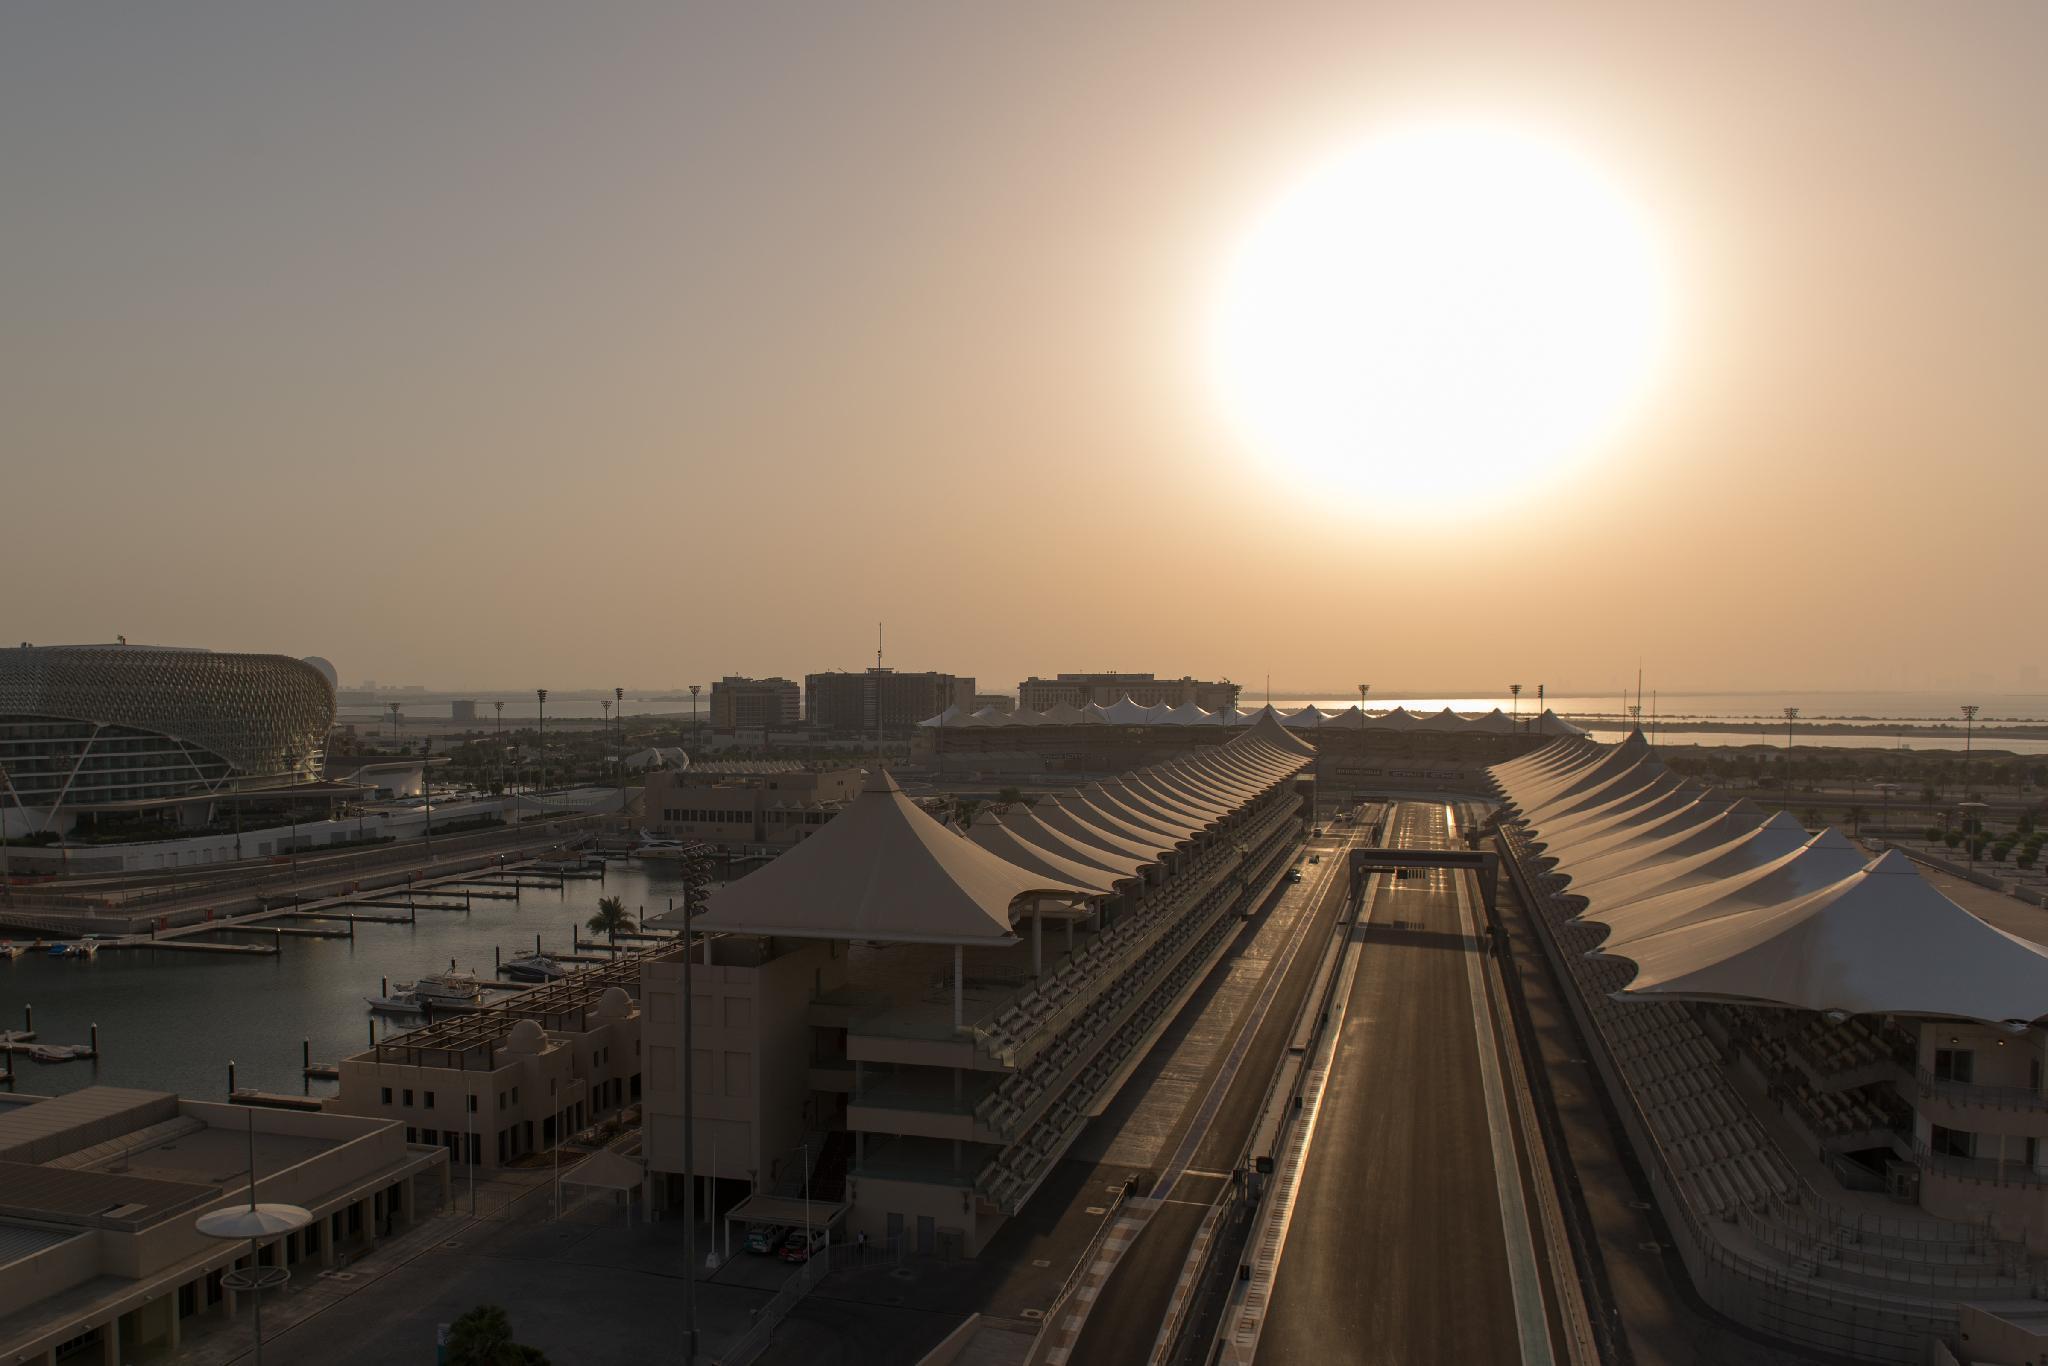 Aerotel Abu Dhabi Terminal 3 Depature Transit,